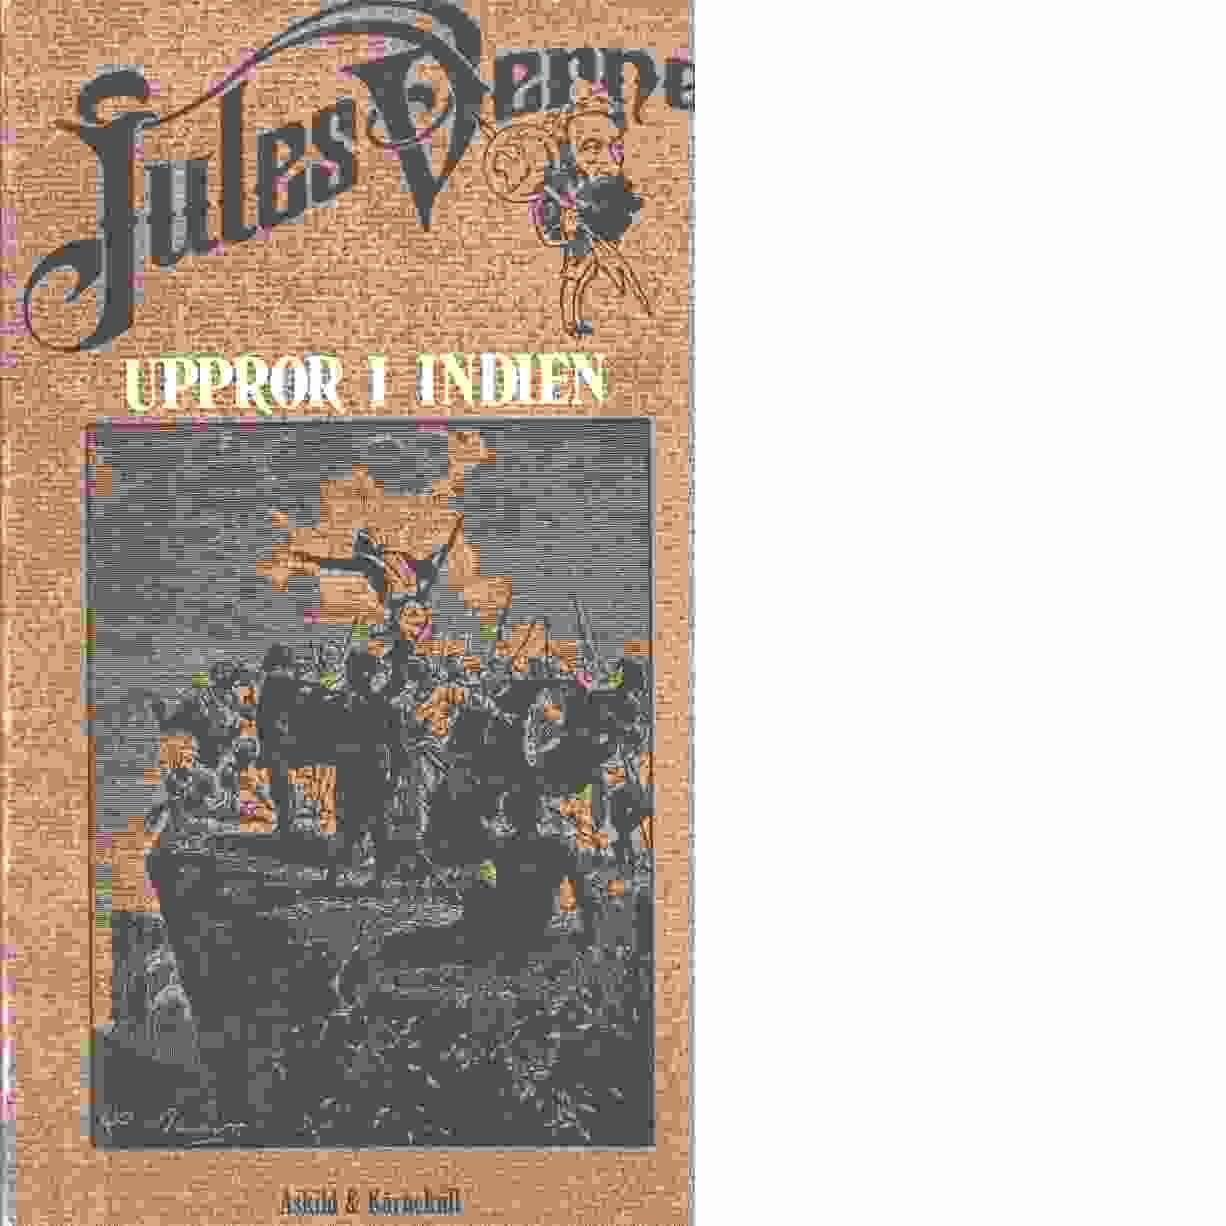 Uppror i Indien - Verne, Jules